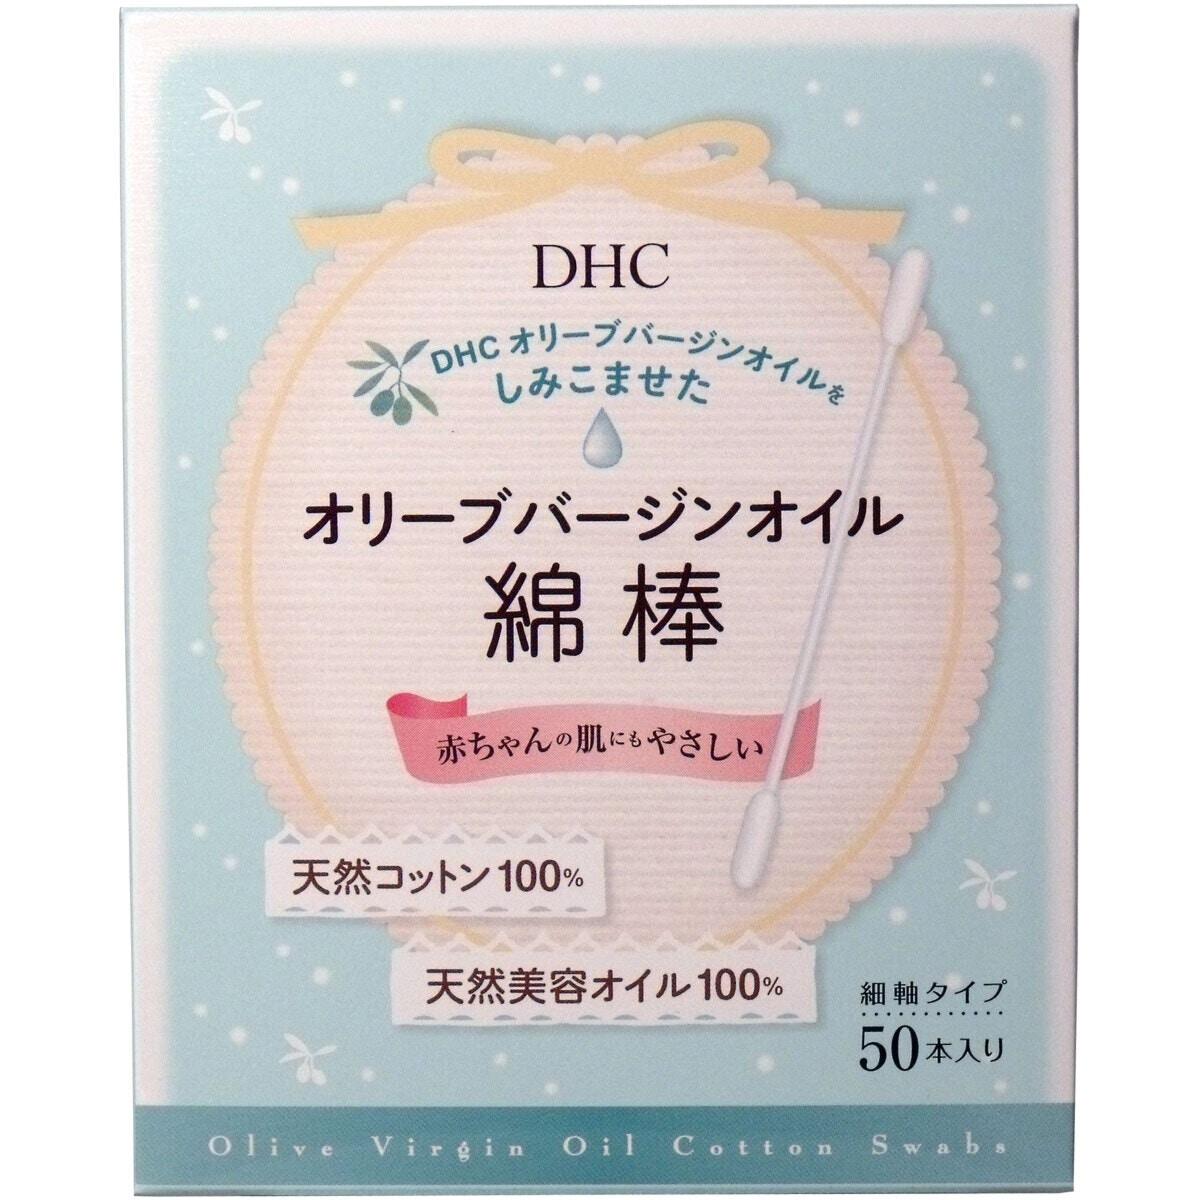 DHC オリーブバージンオイル綿棒 細軸タイプ 50本入